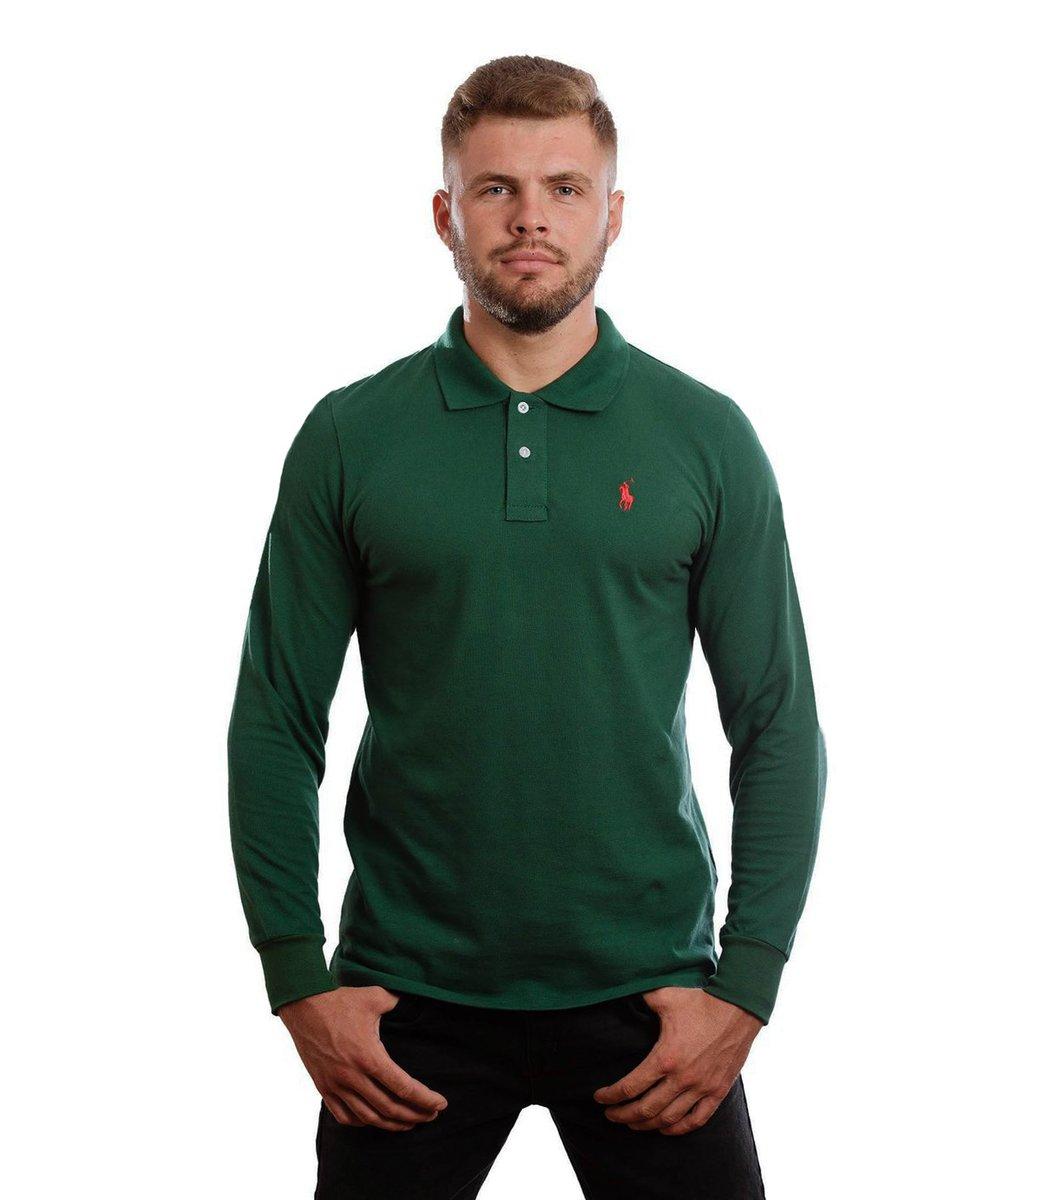 Зеленое поло с длинным рукавом POLO Ralph Lauren PR1  - Зеленый - Вид 2